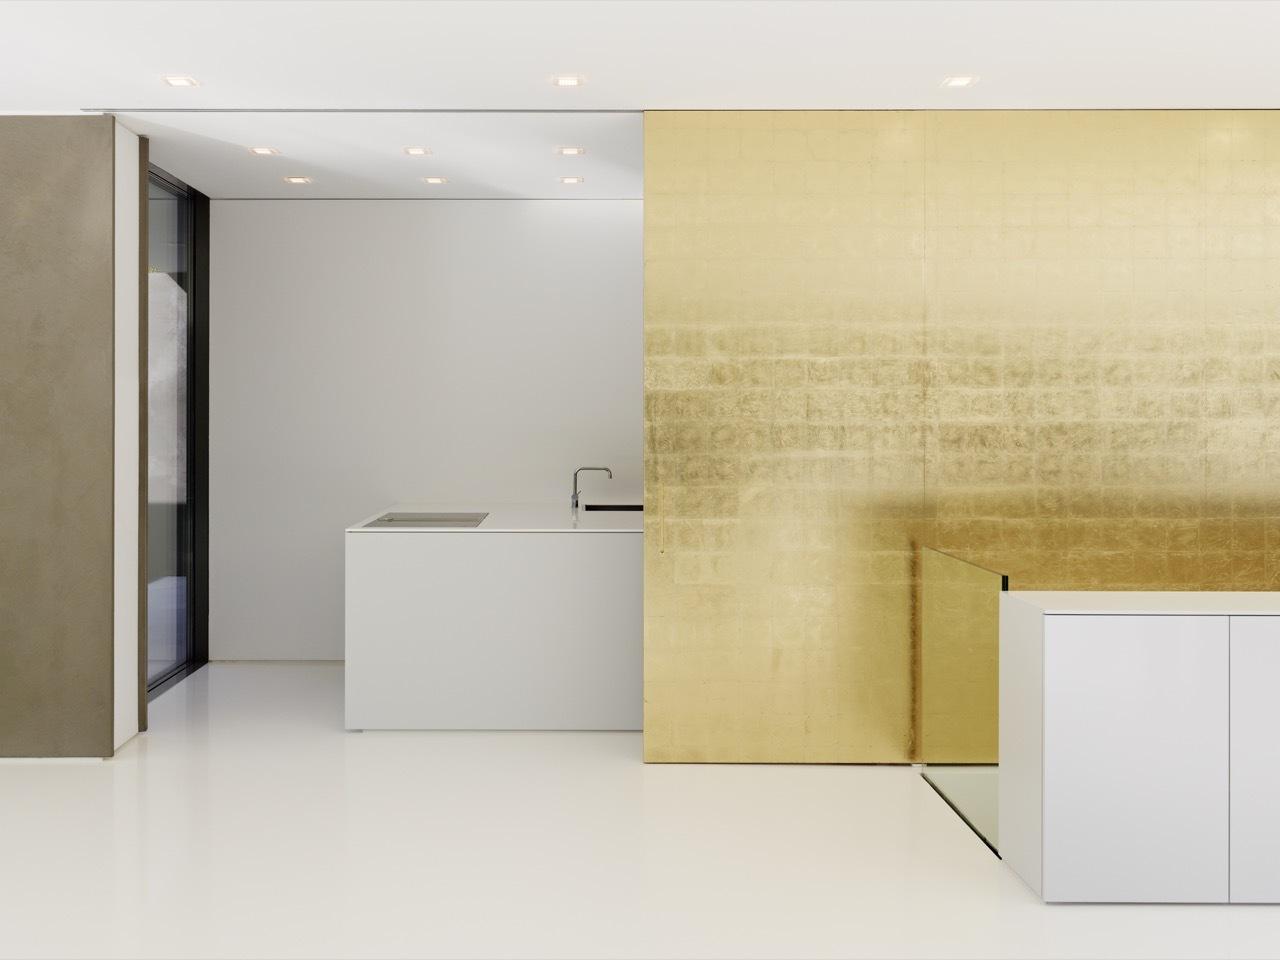 galer a de casa d10 werner sobek 4. Black Bedroom Furniture Sets. Home Design Ideas